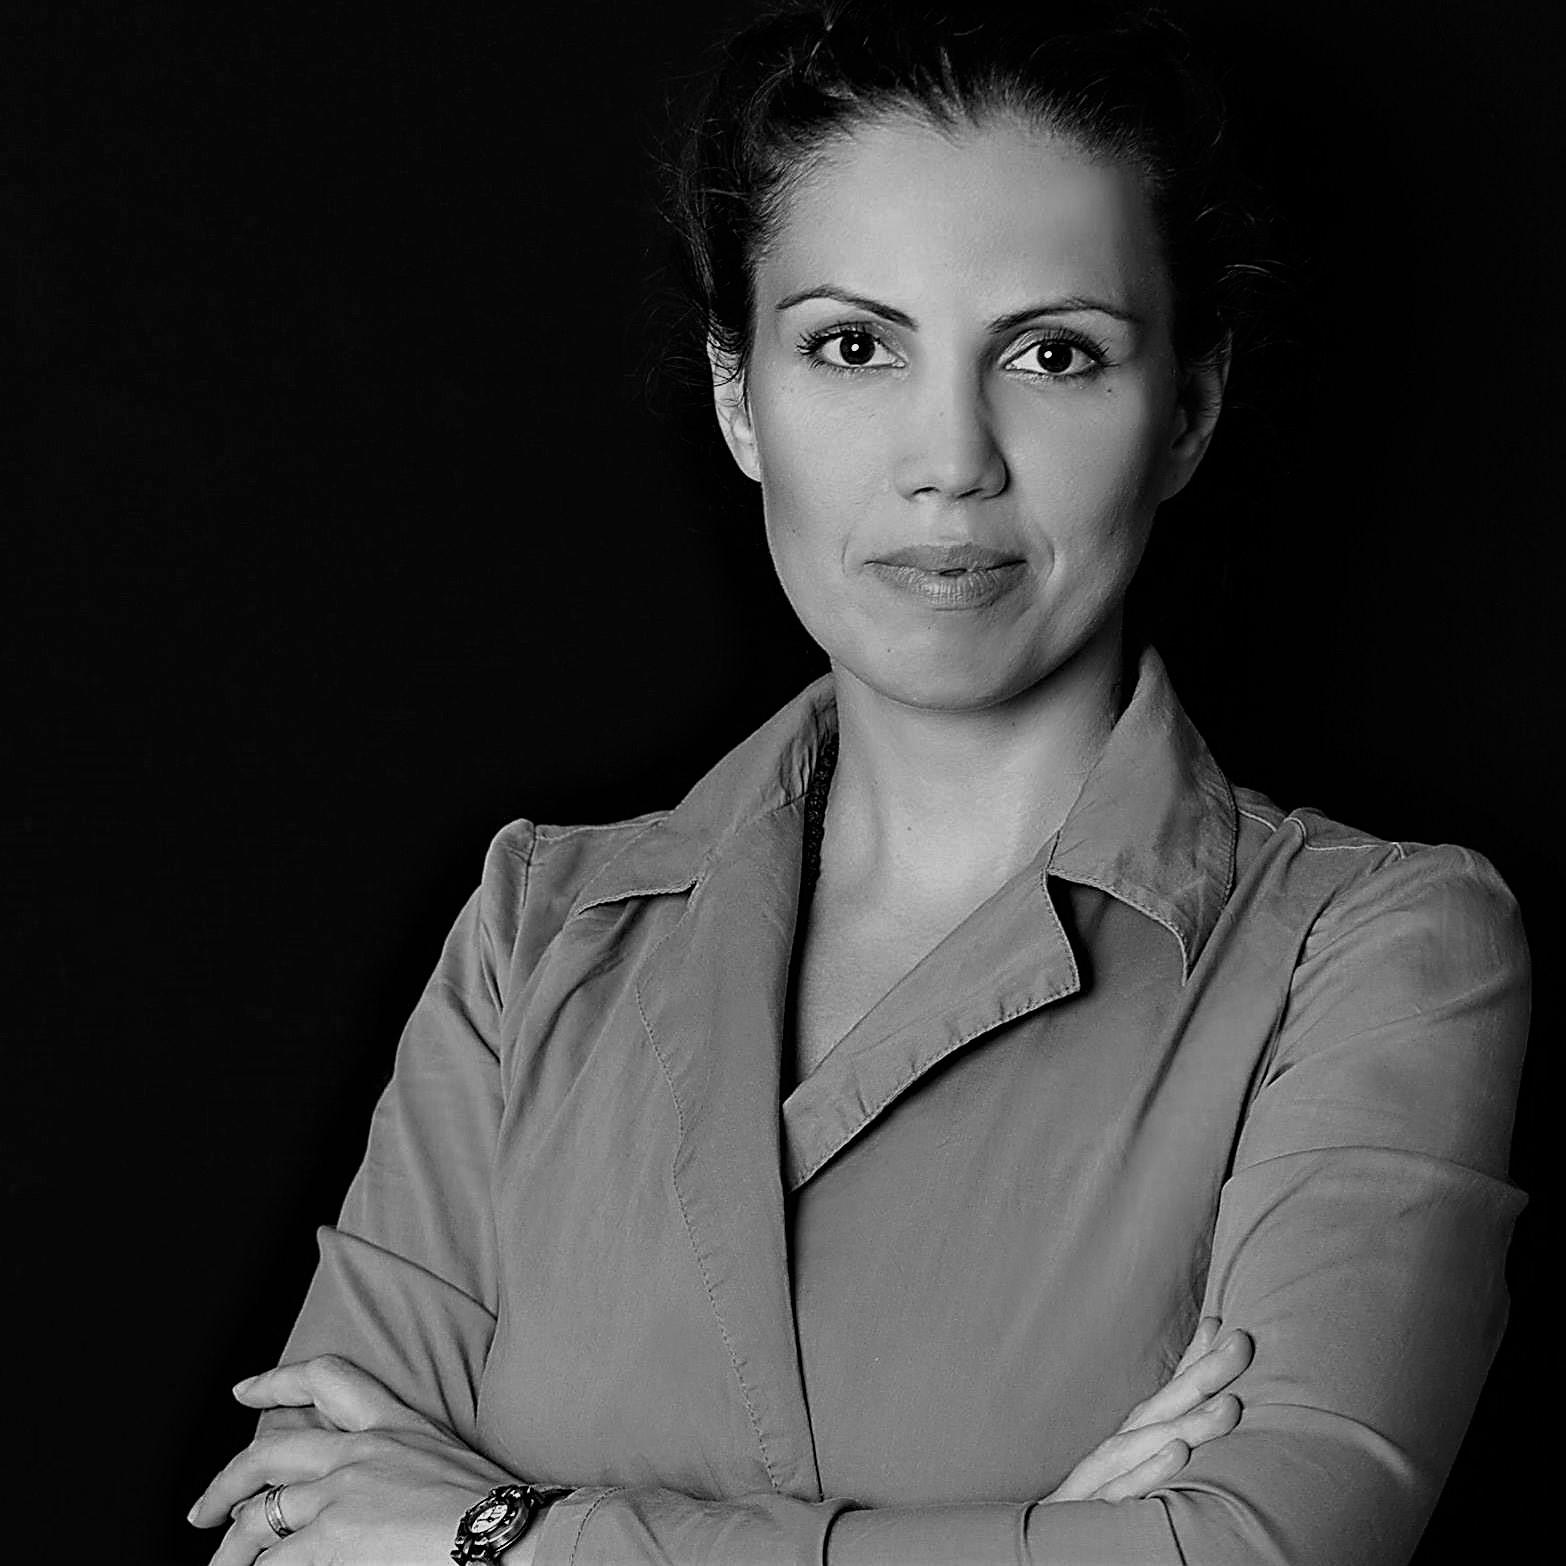 Aniela Firulovic